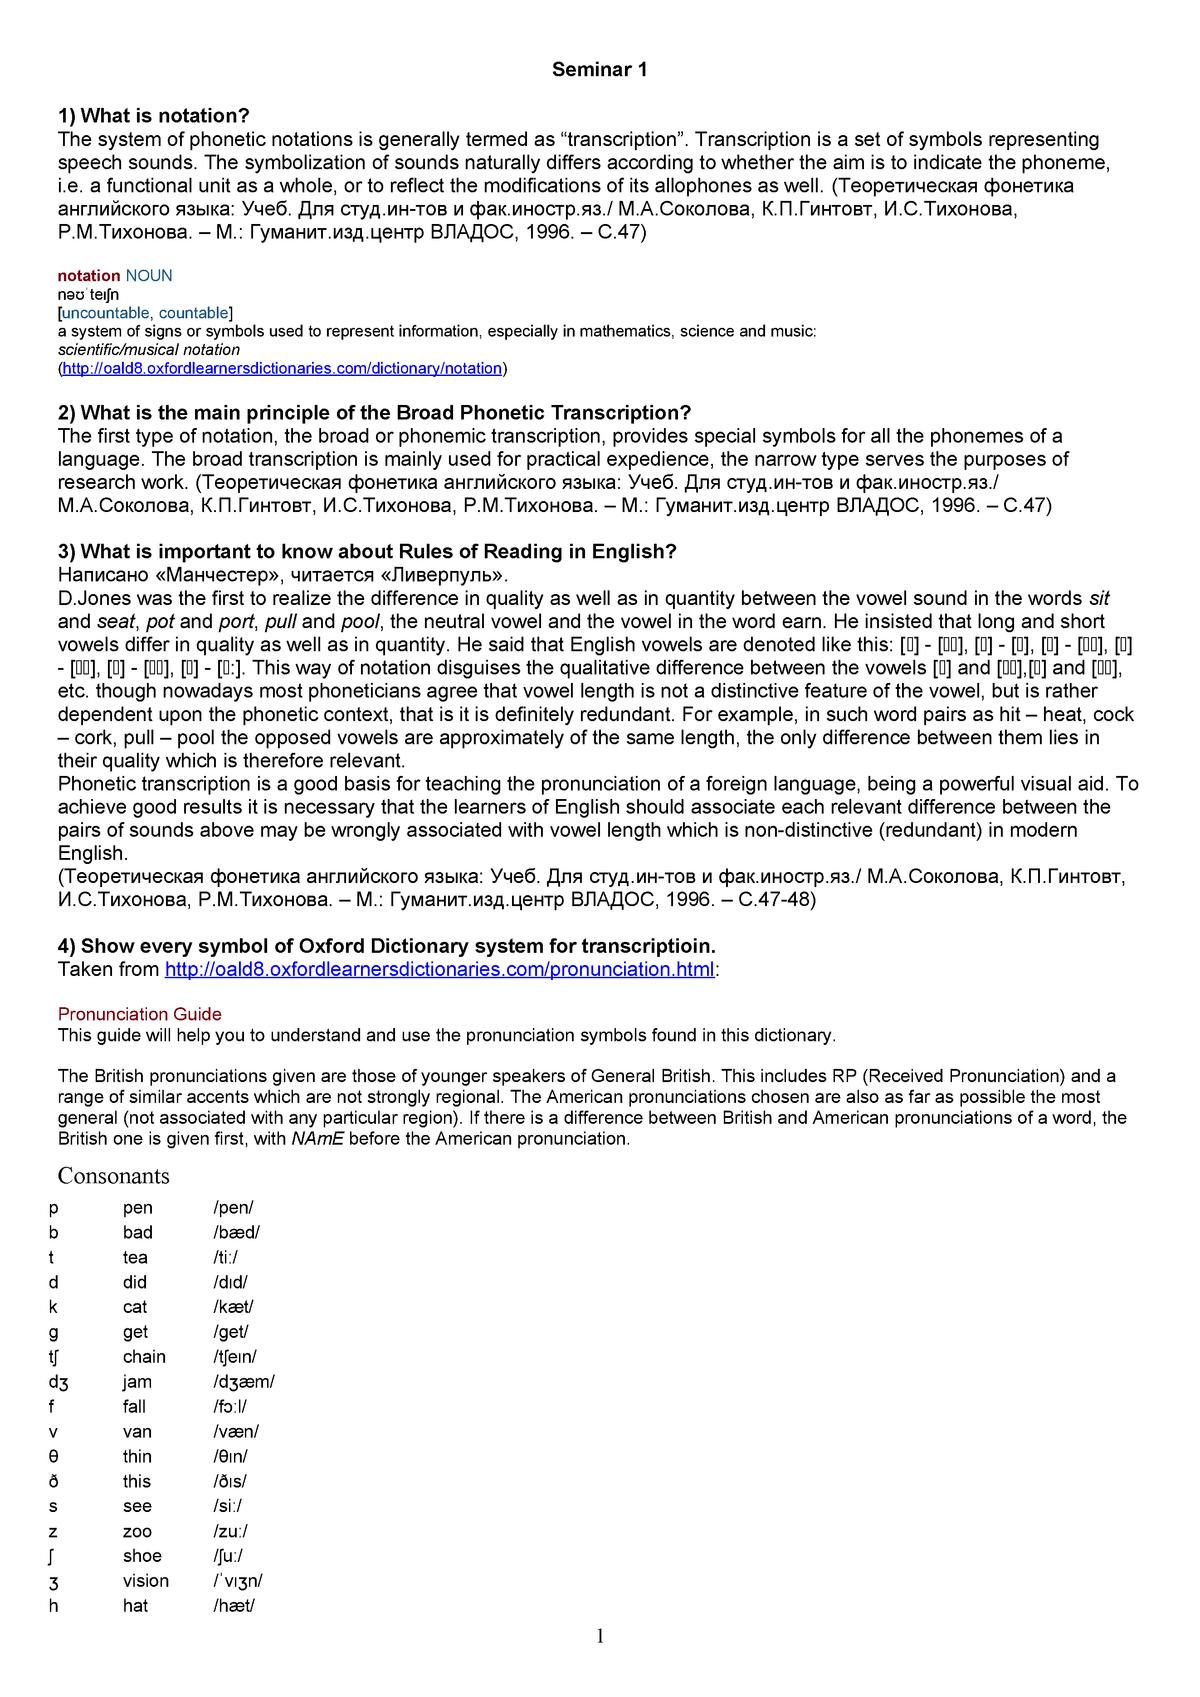 Практическая - Все задания по семинарам 1-15, ИИЯ - Теоретическая